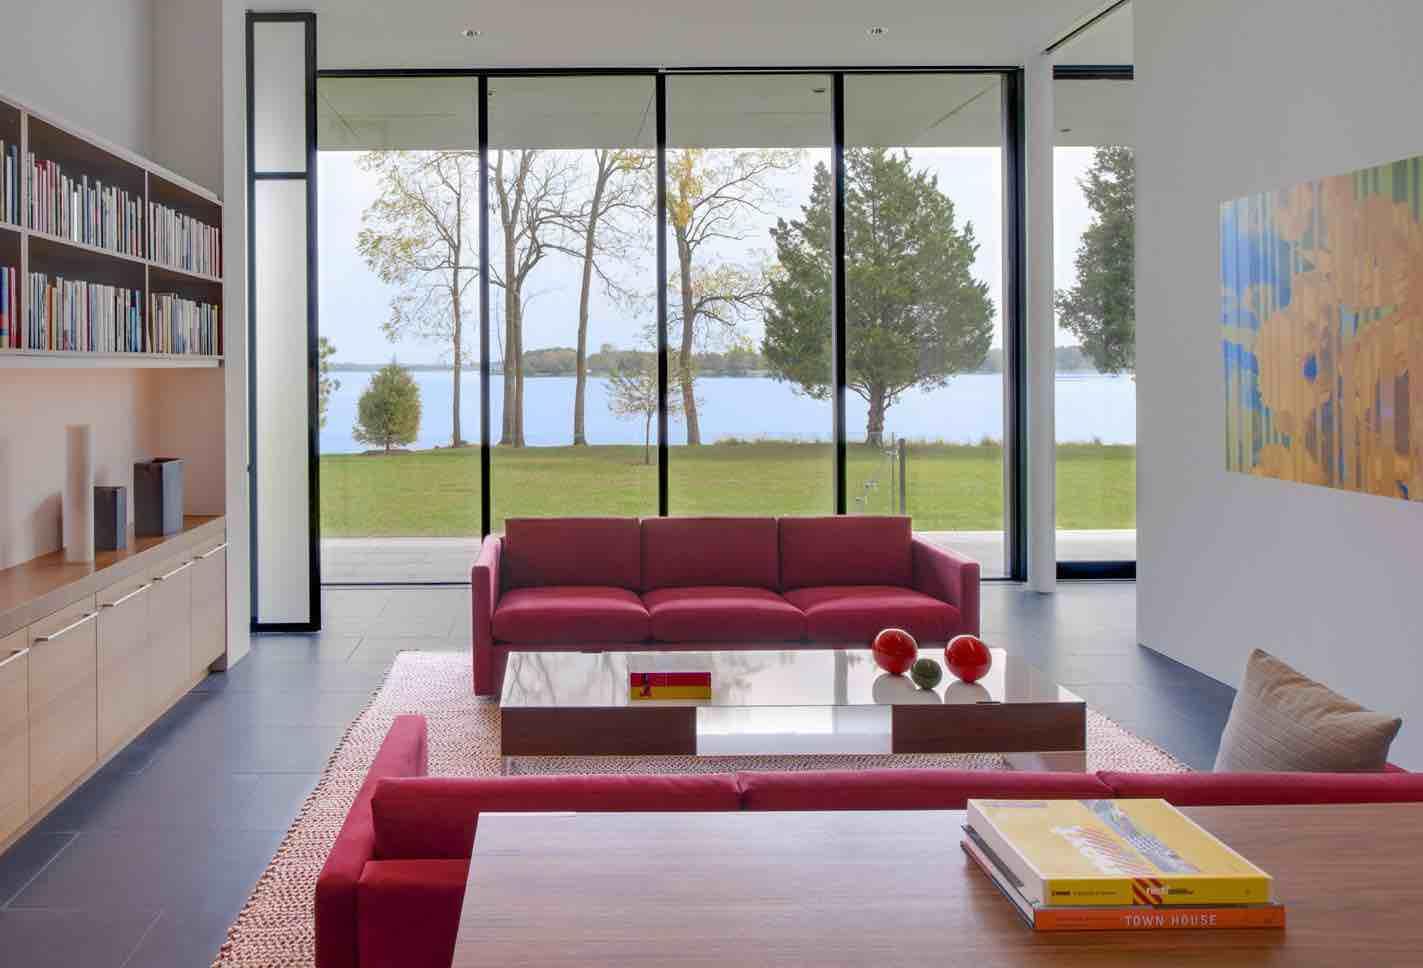 tred-avon-river-house-robert-m-gurney-architect_mackenzie-gurney-guttmanresidence-23